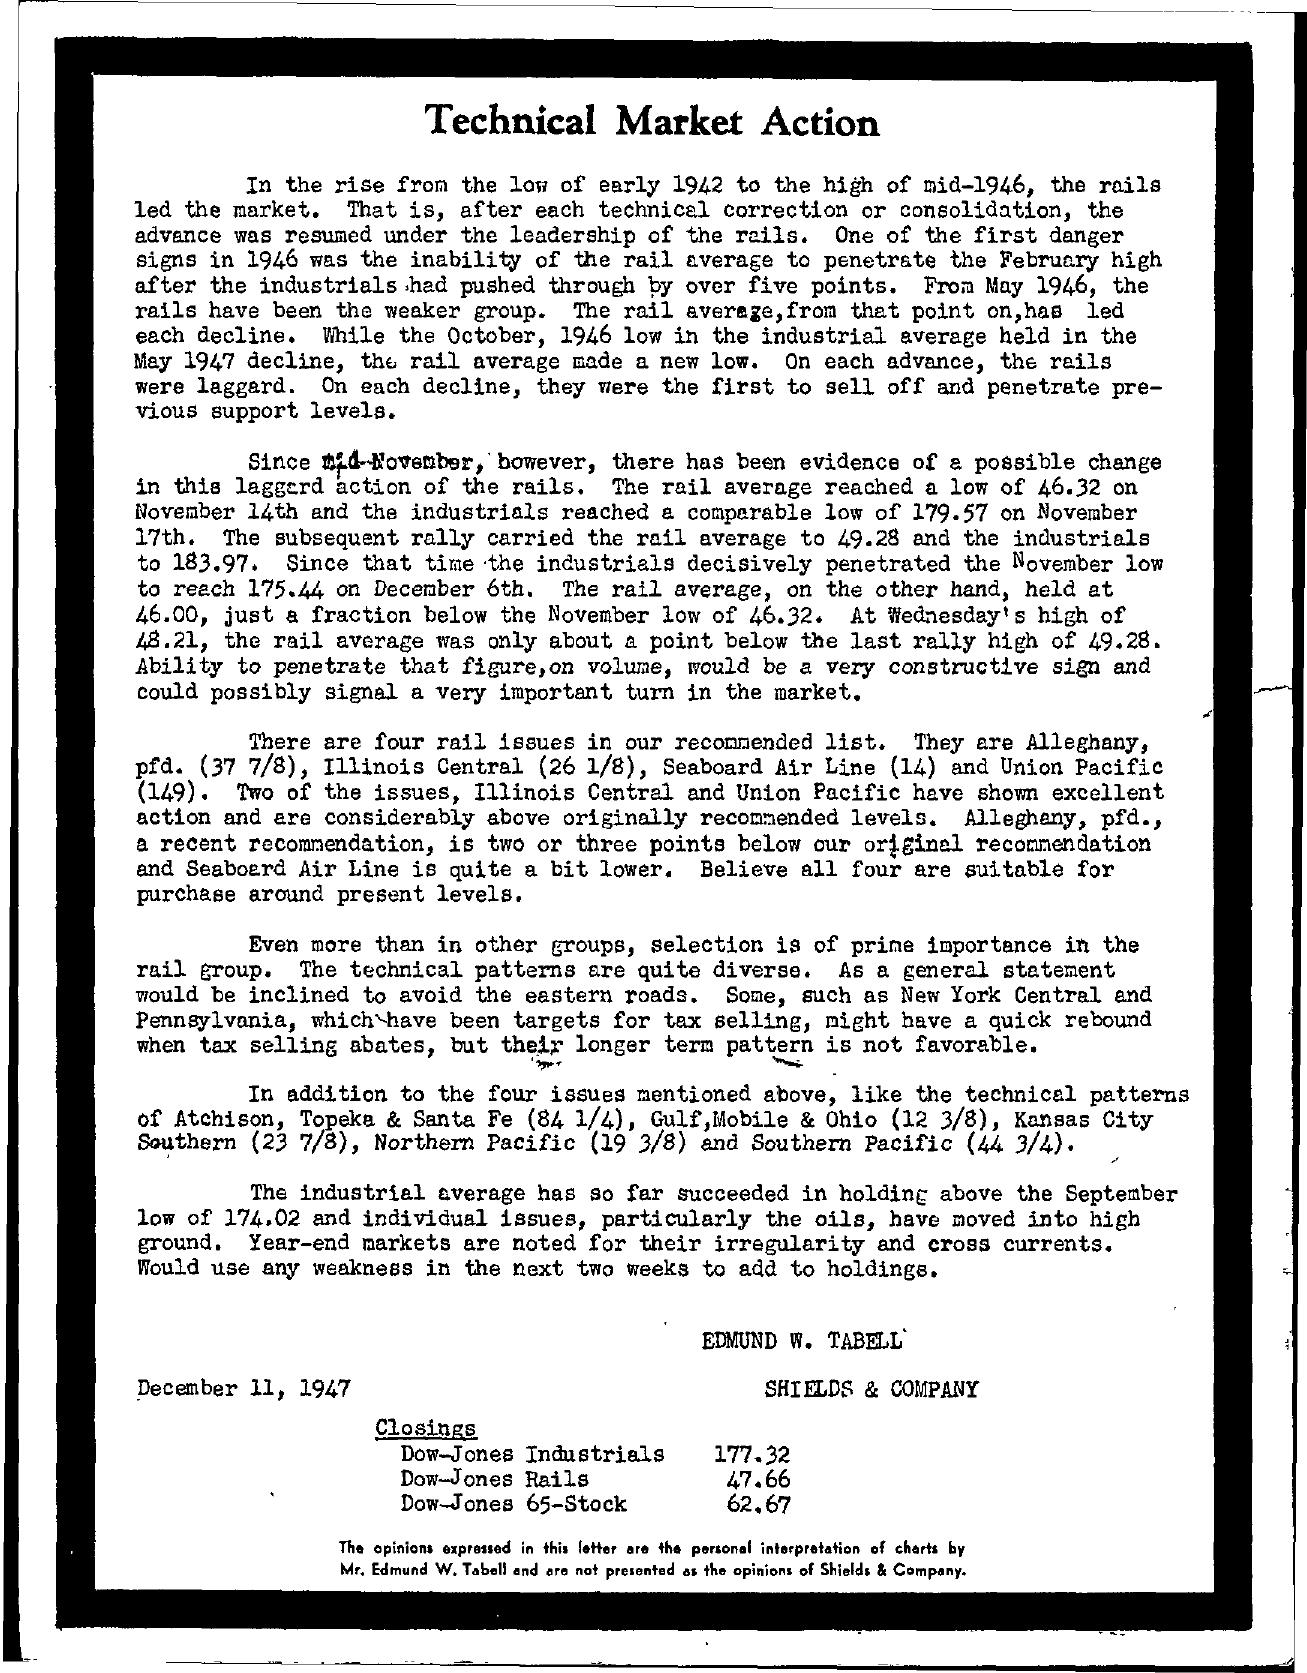 Tabell's Market Letter - December 11, 1947